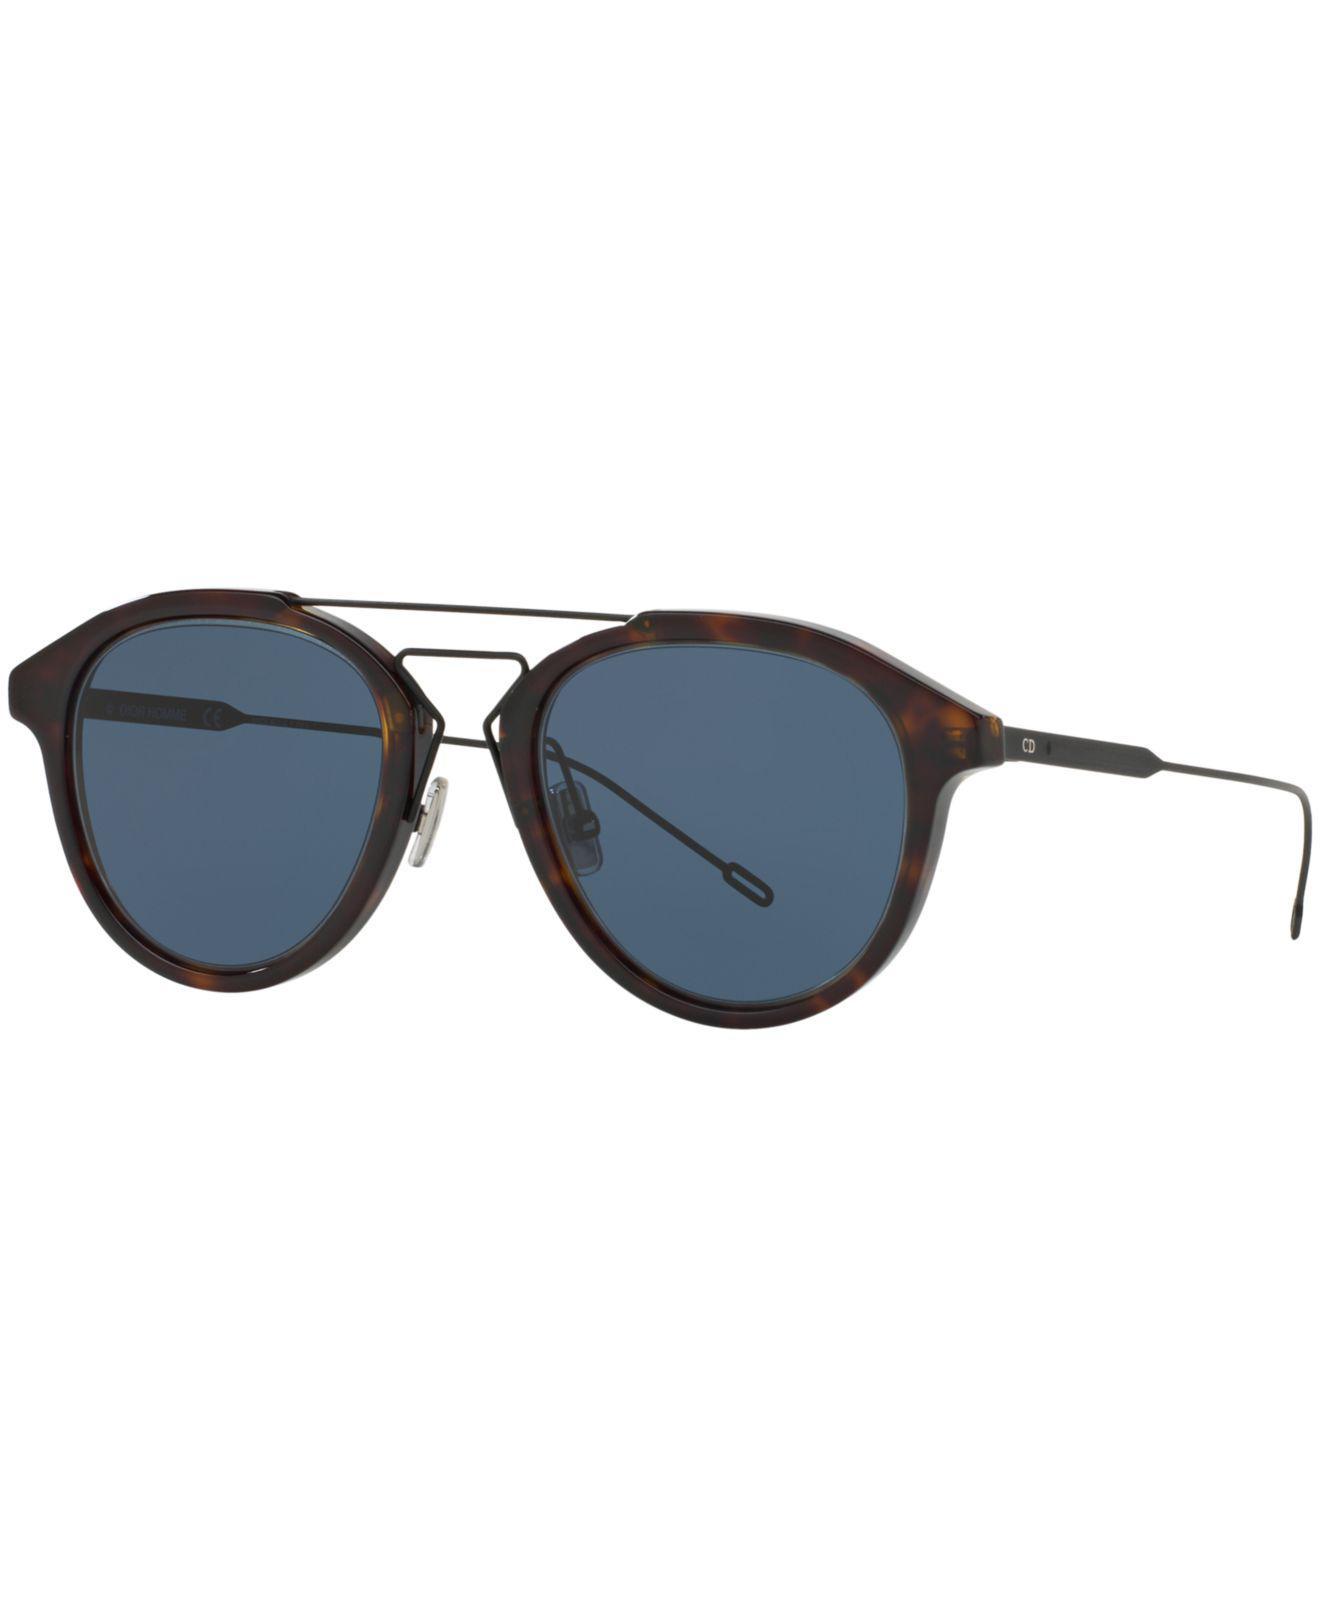 dc5c91cdff Dior. Men s Blue Homme Sunglasses ...